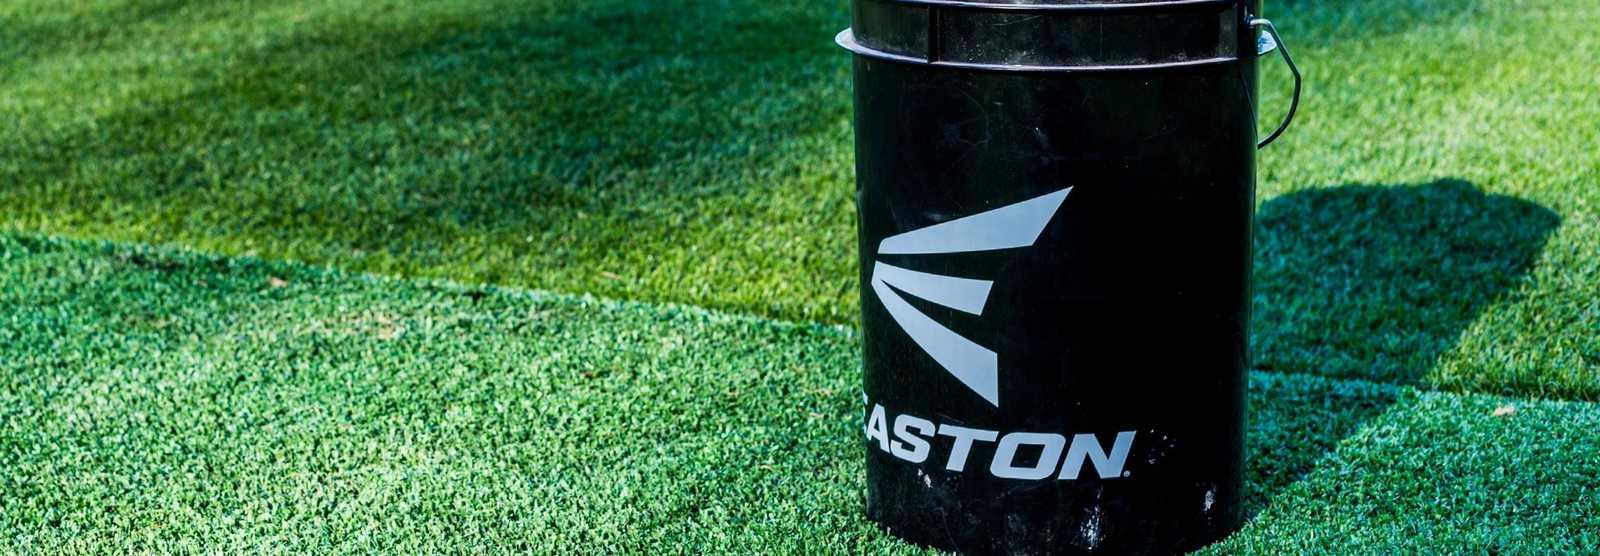 baseball-tees-buckets-accessories